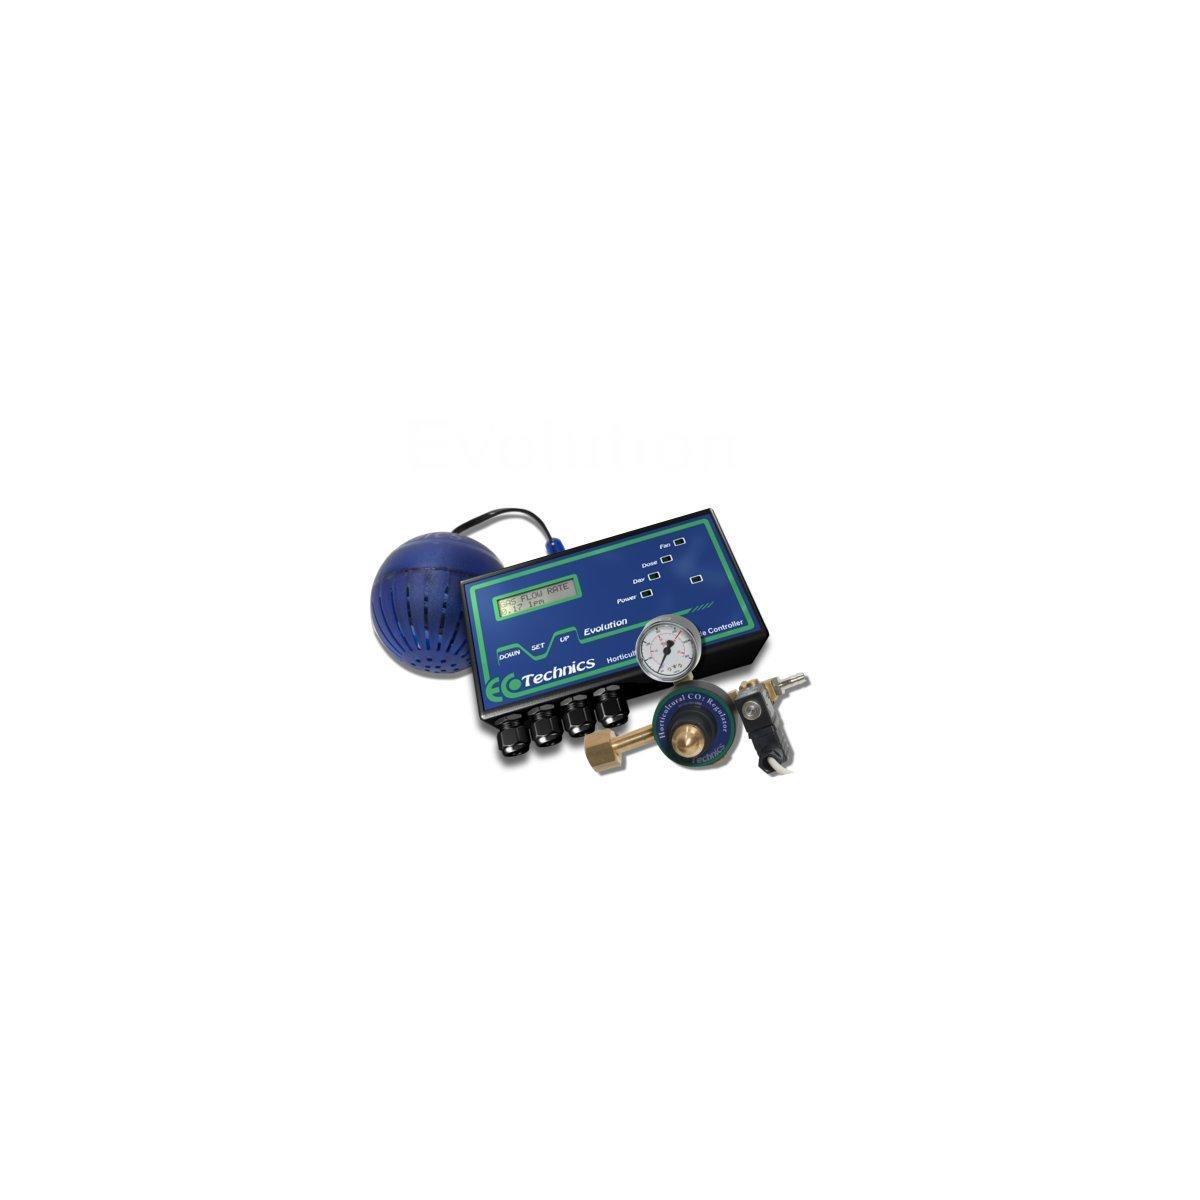 Confezione completa CO2 Evolution-Controller, analizzare, Regulator, Sensor